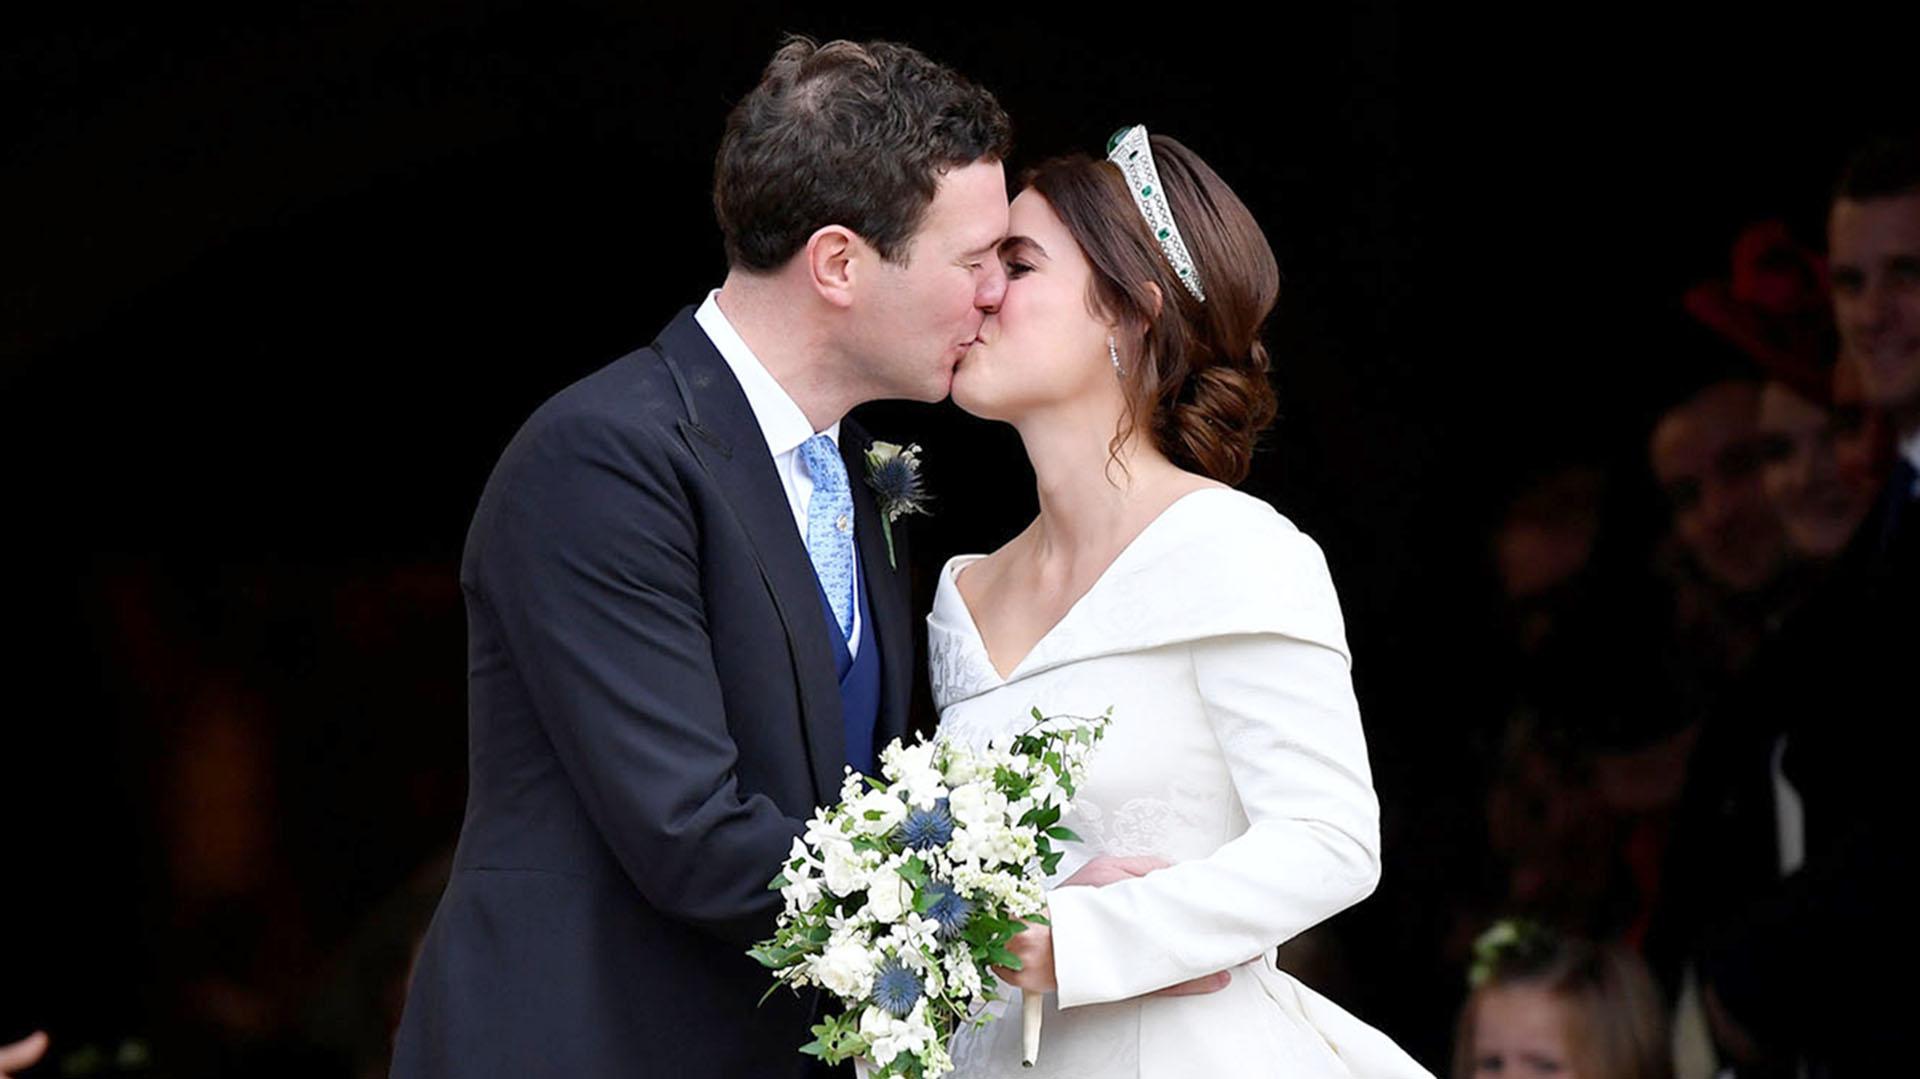 Luego de ocho años de relación sellaron su amor en la Capilla de St. George en Windsor